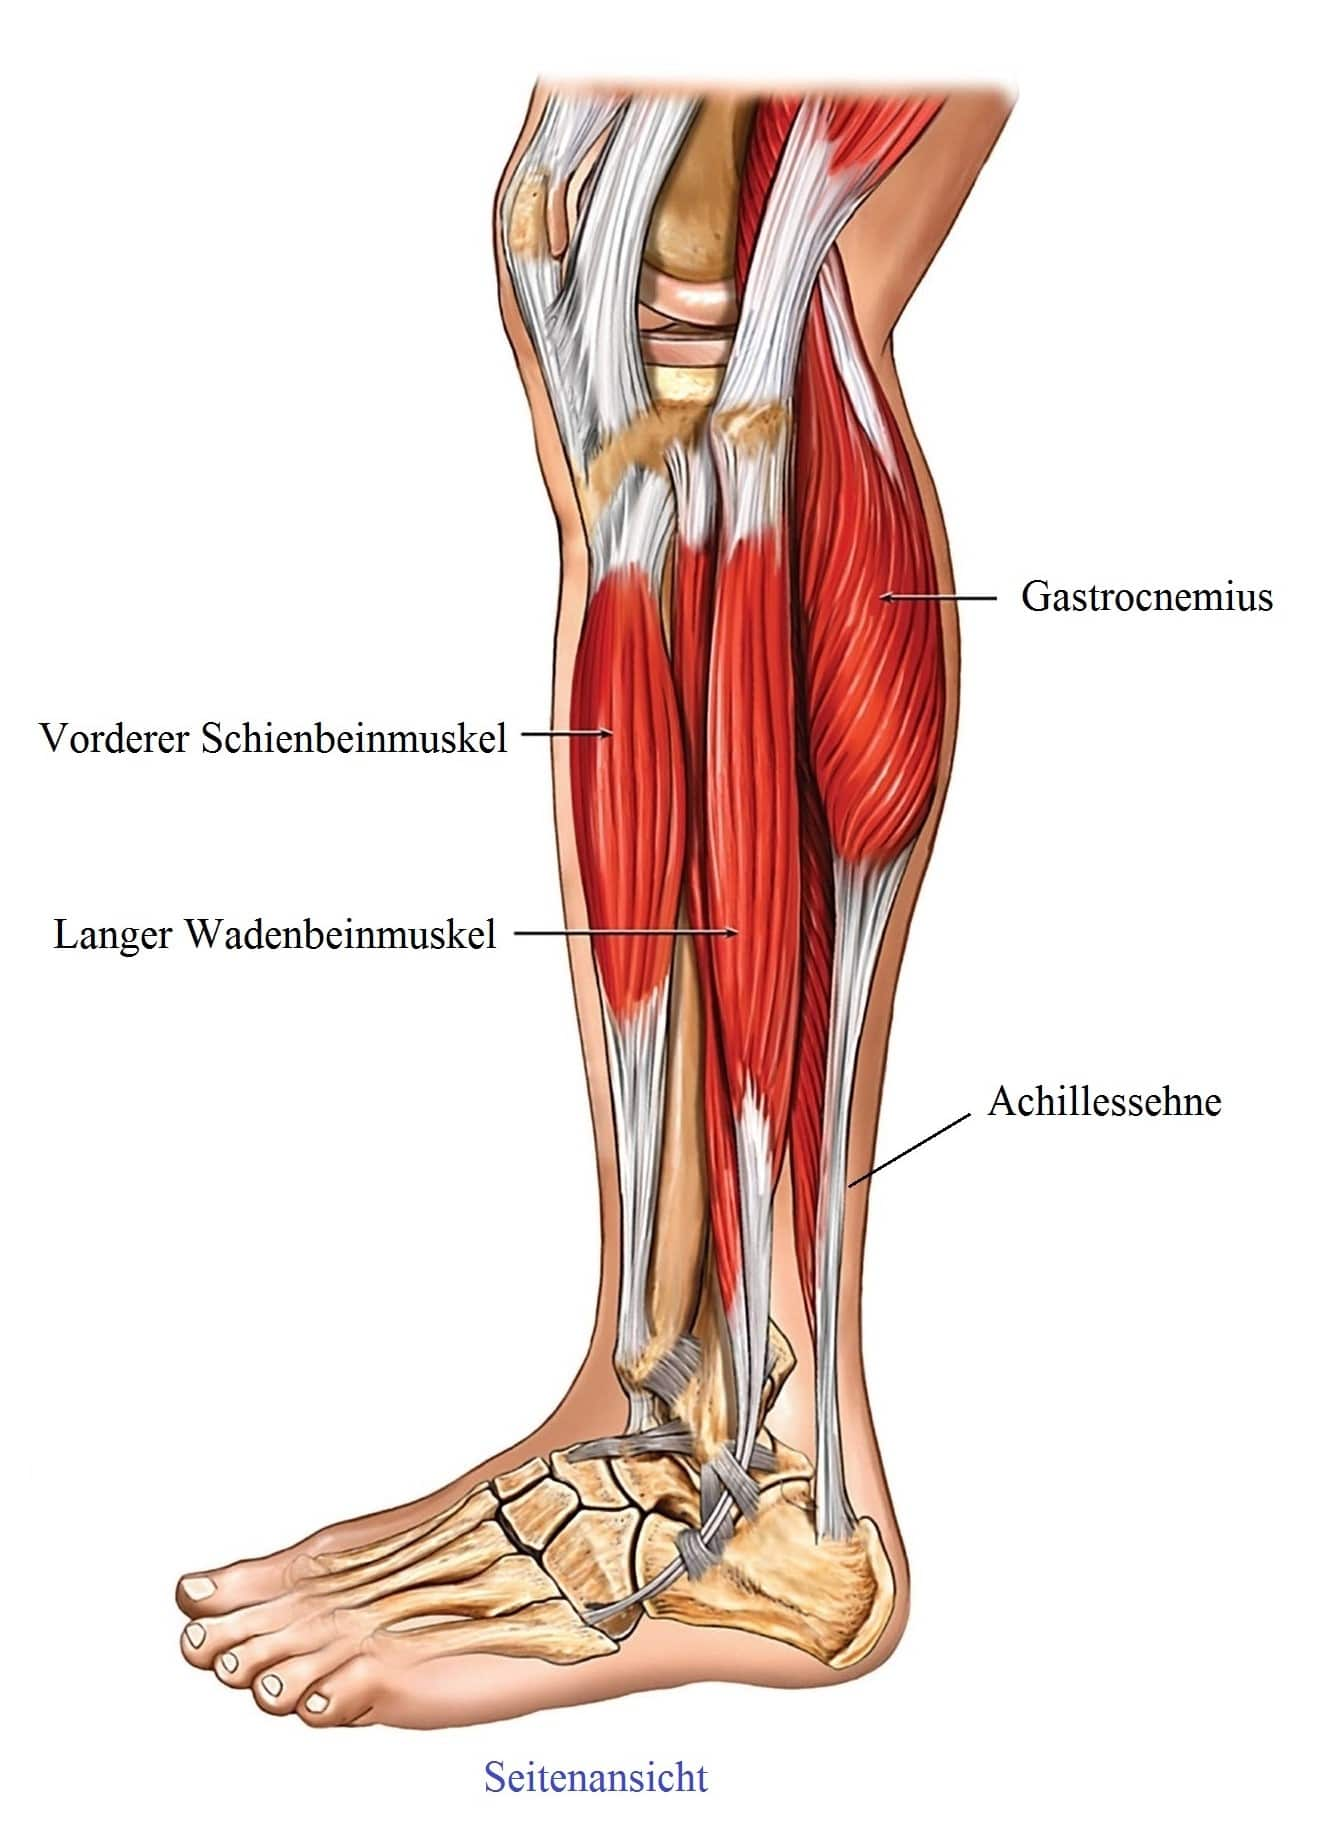 Schmerzen im Knöchel, Schwellung, außen, Knie, Belastung, Thrombose